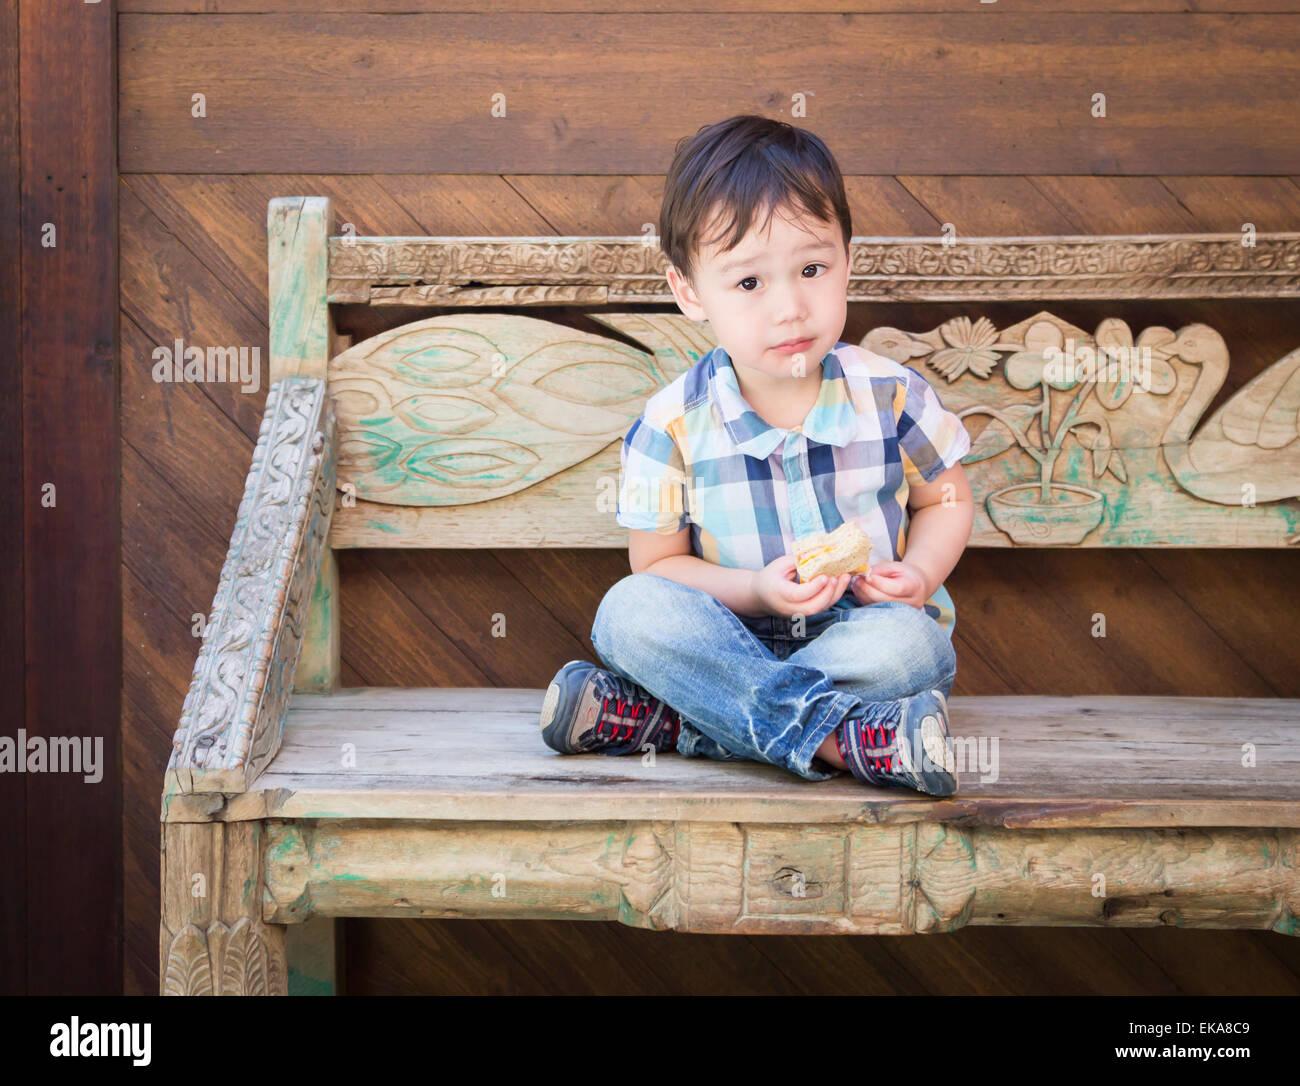 Cute relajado Mestizos muchacho sentado en un banco comiendo su sándwich. Imagen De Stock